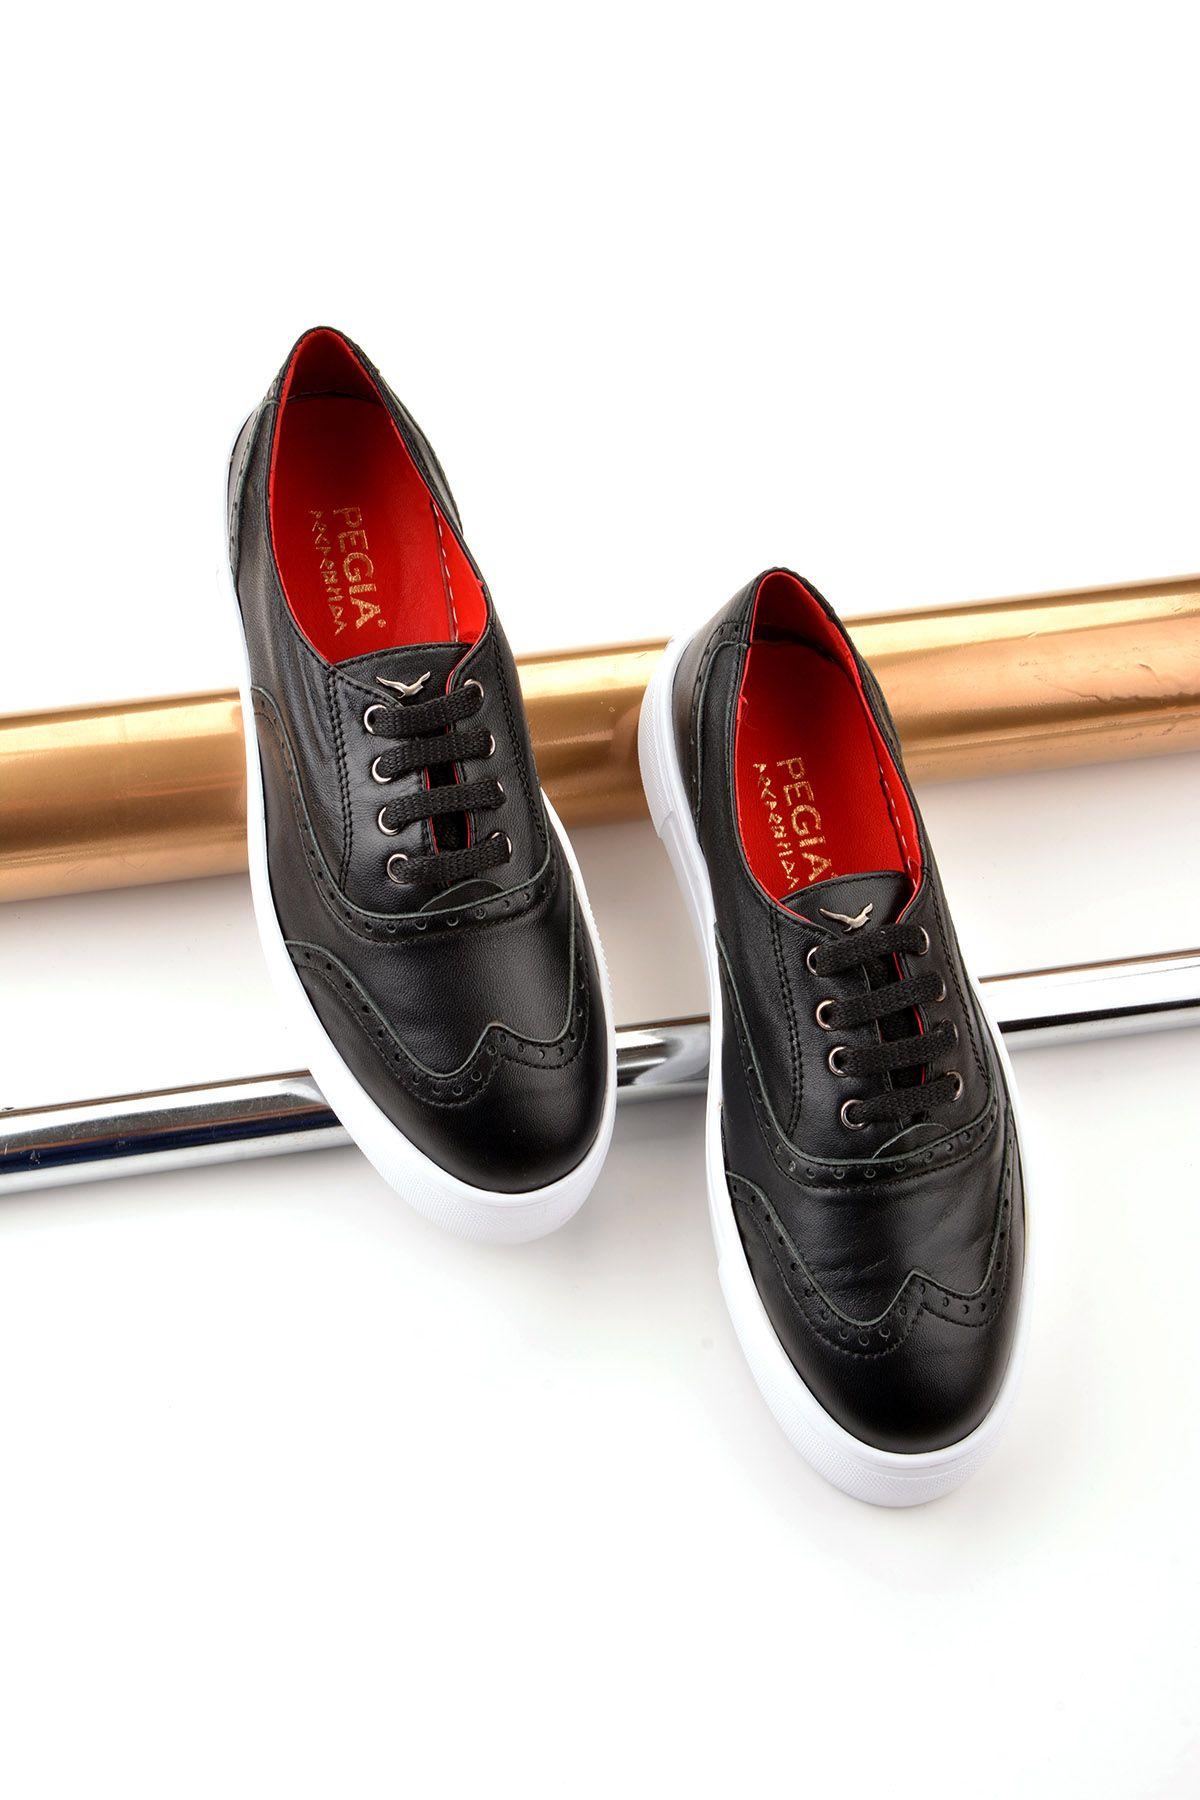 Pegia Chatalet Hakiki Deri Oxford Ayakkabı  Siyah